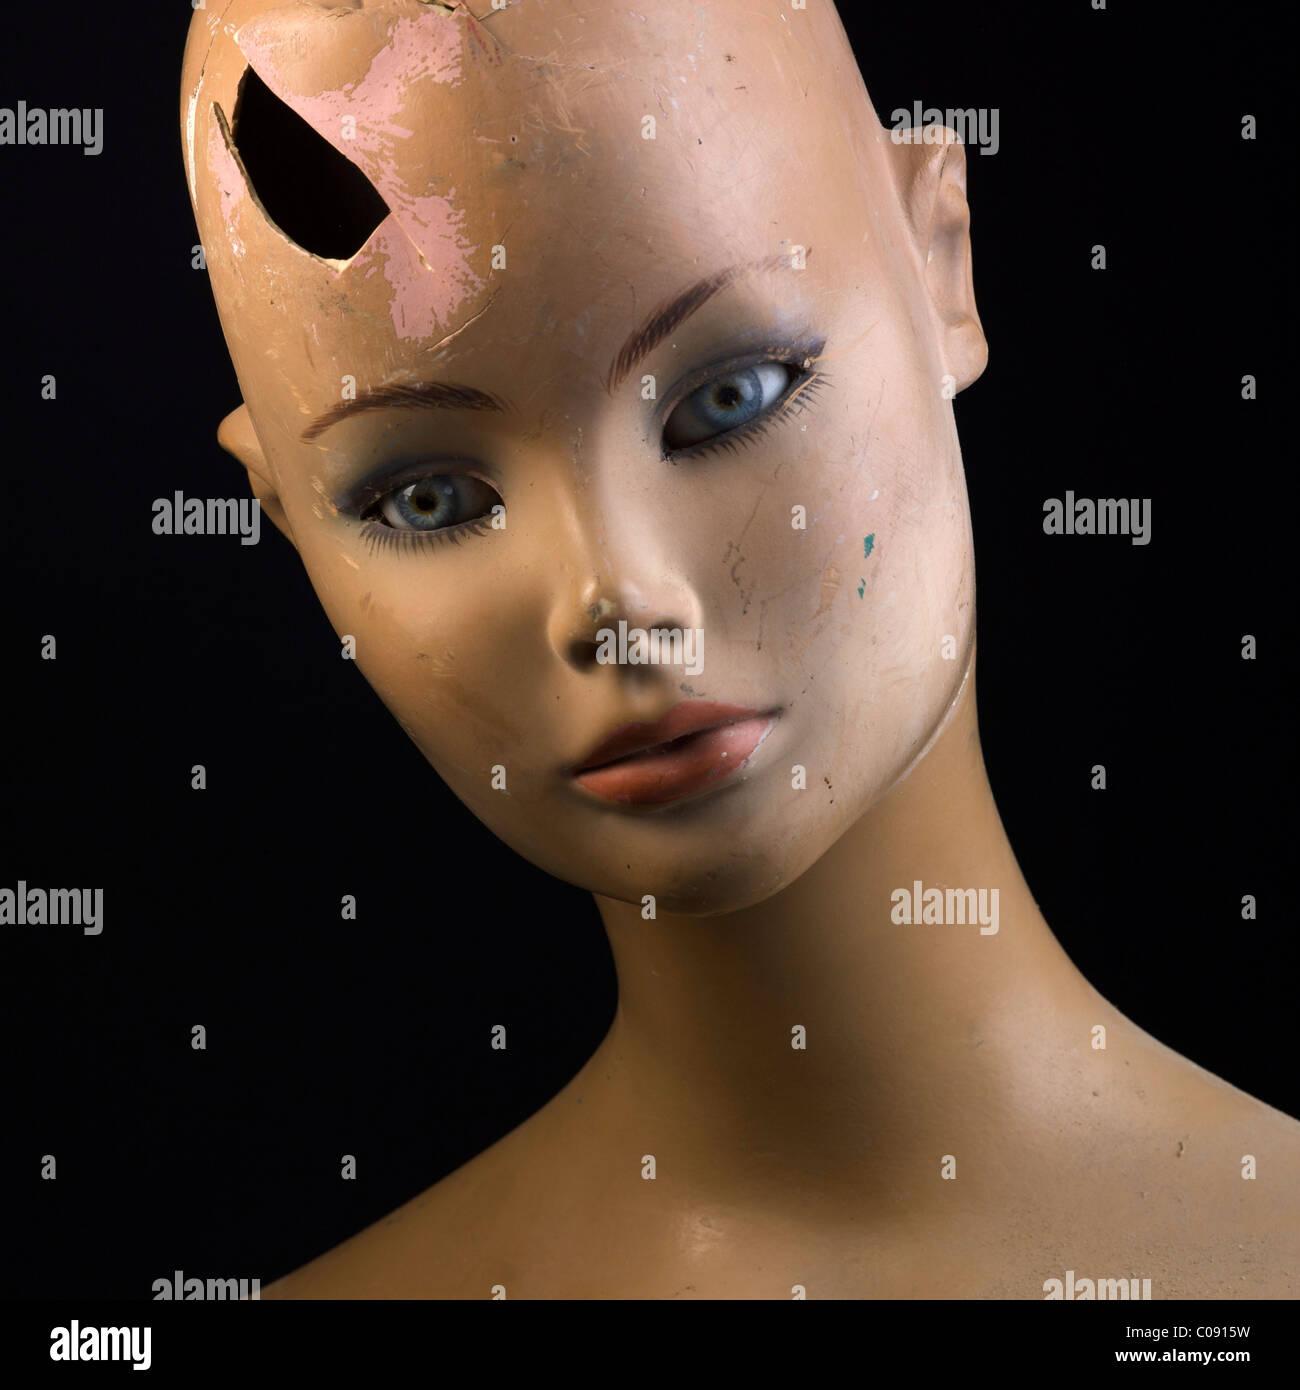 Häusliche Gewalt-Konzept - Nahaufnahme des Gesichts von gebrochenen weibliche Schaufensterpuppe Stockbild